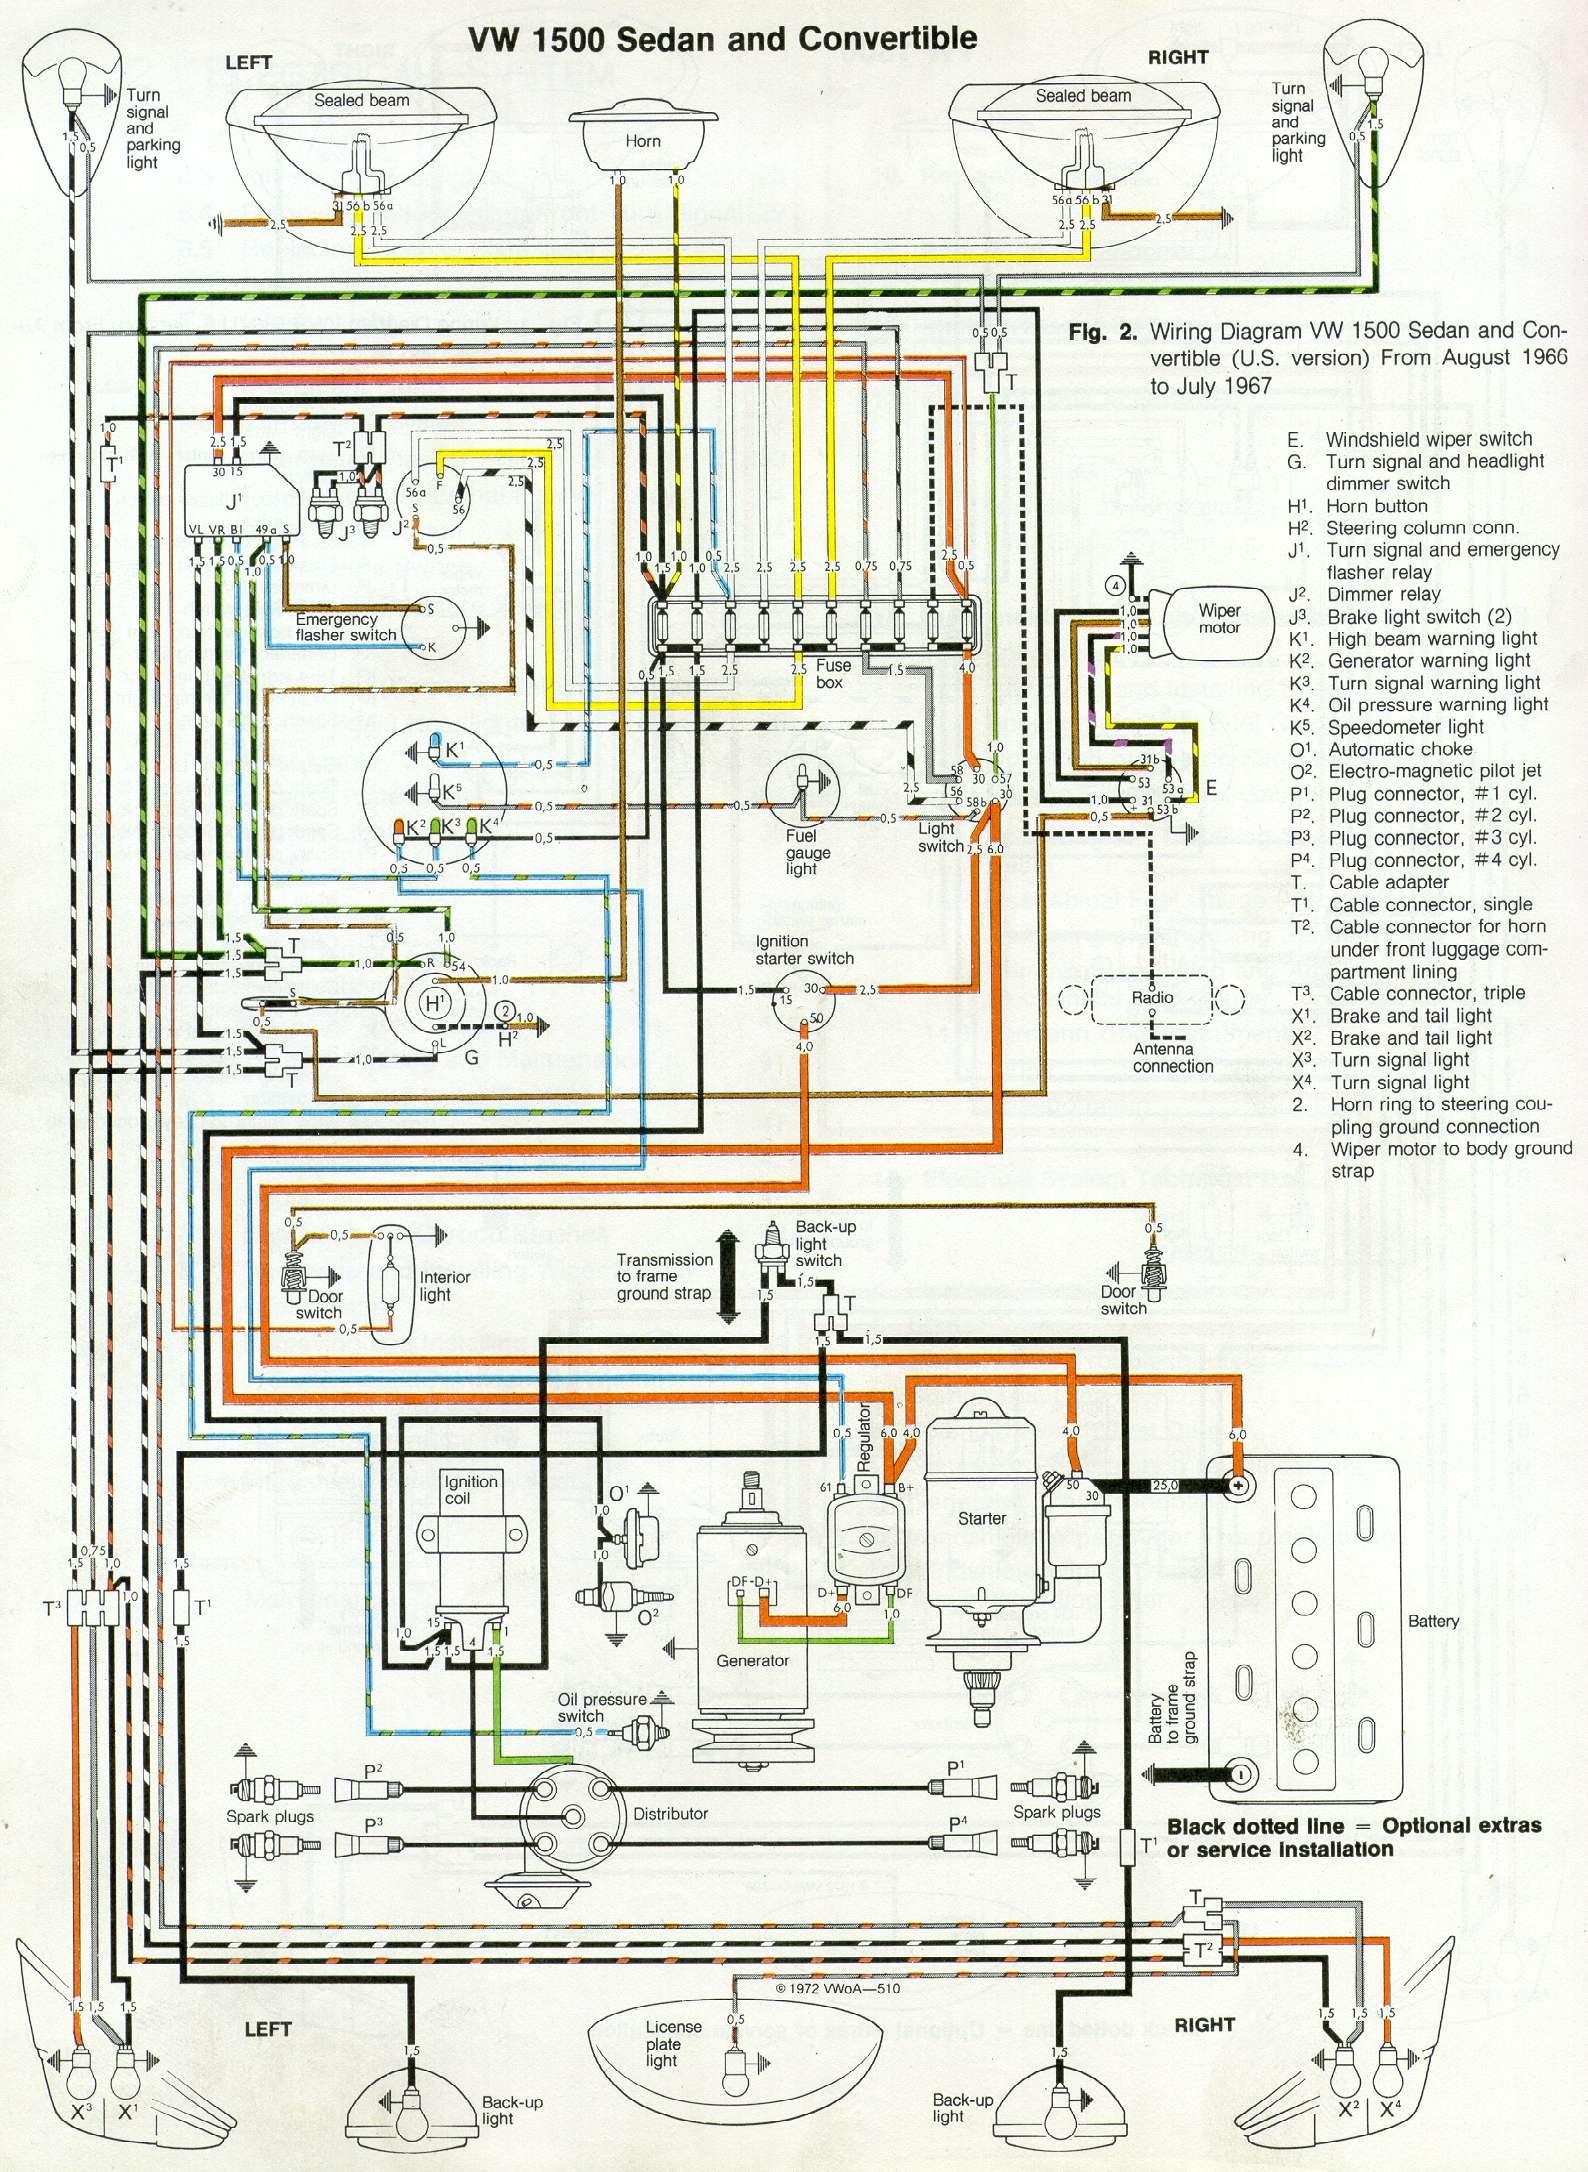 2006 Vw New Beetle Wiring Diagram - Wiring Diagram